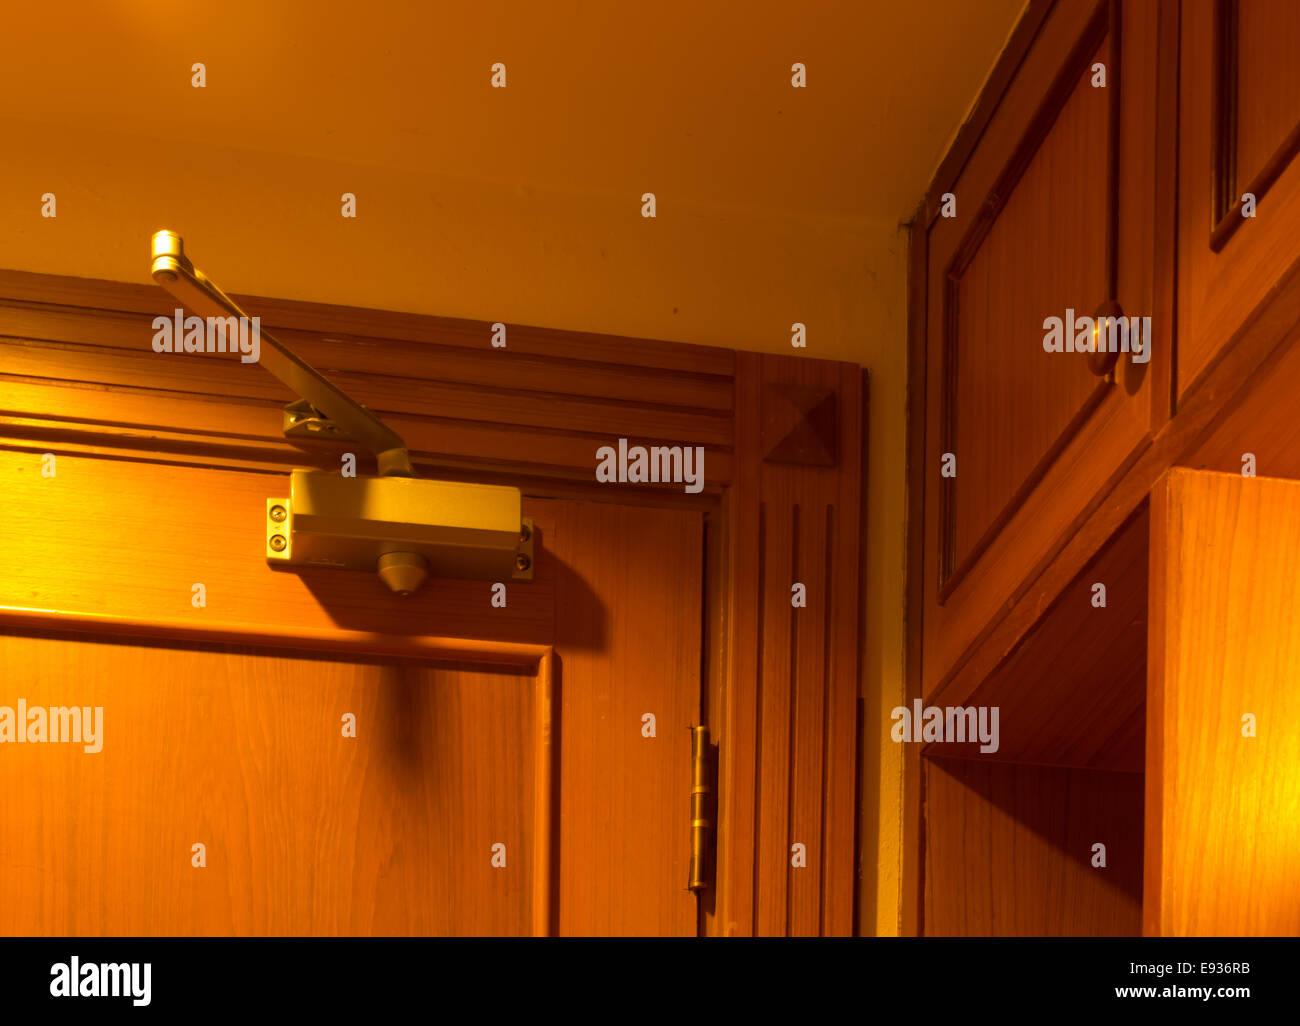 Door closer In the bedroom - Stock Image